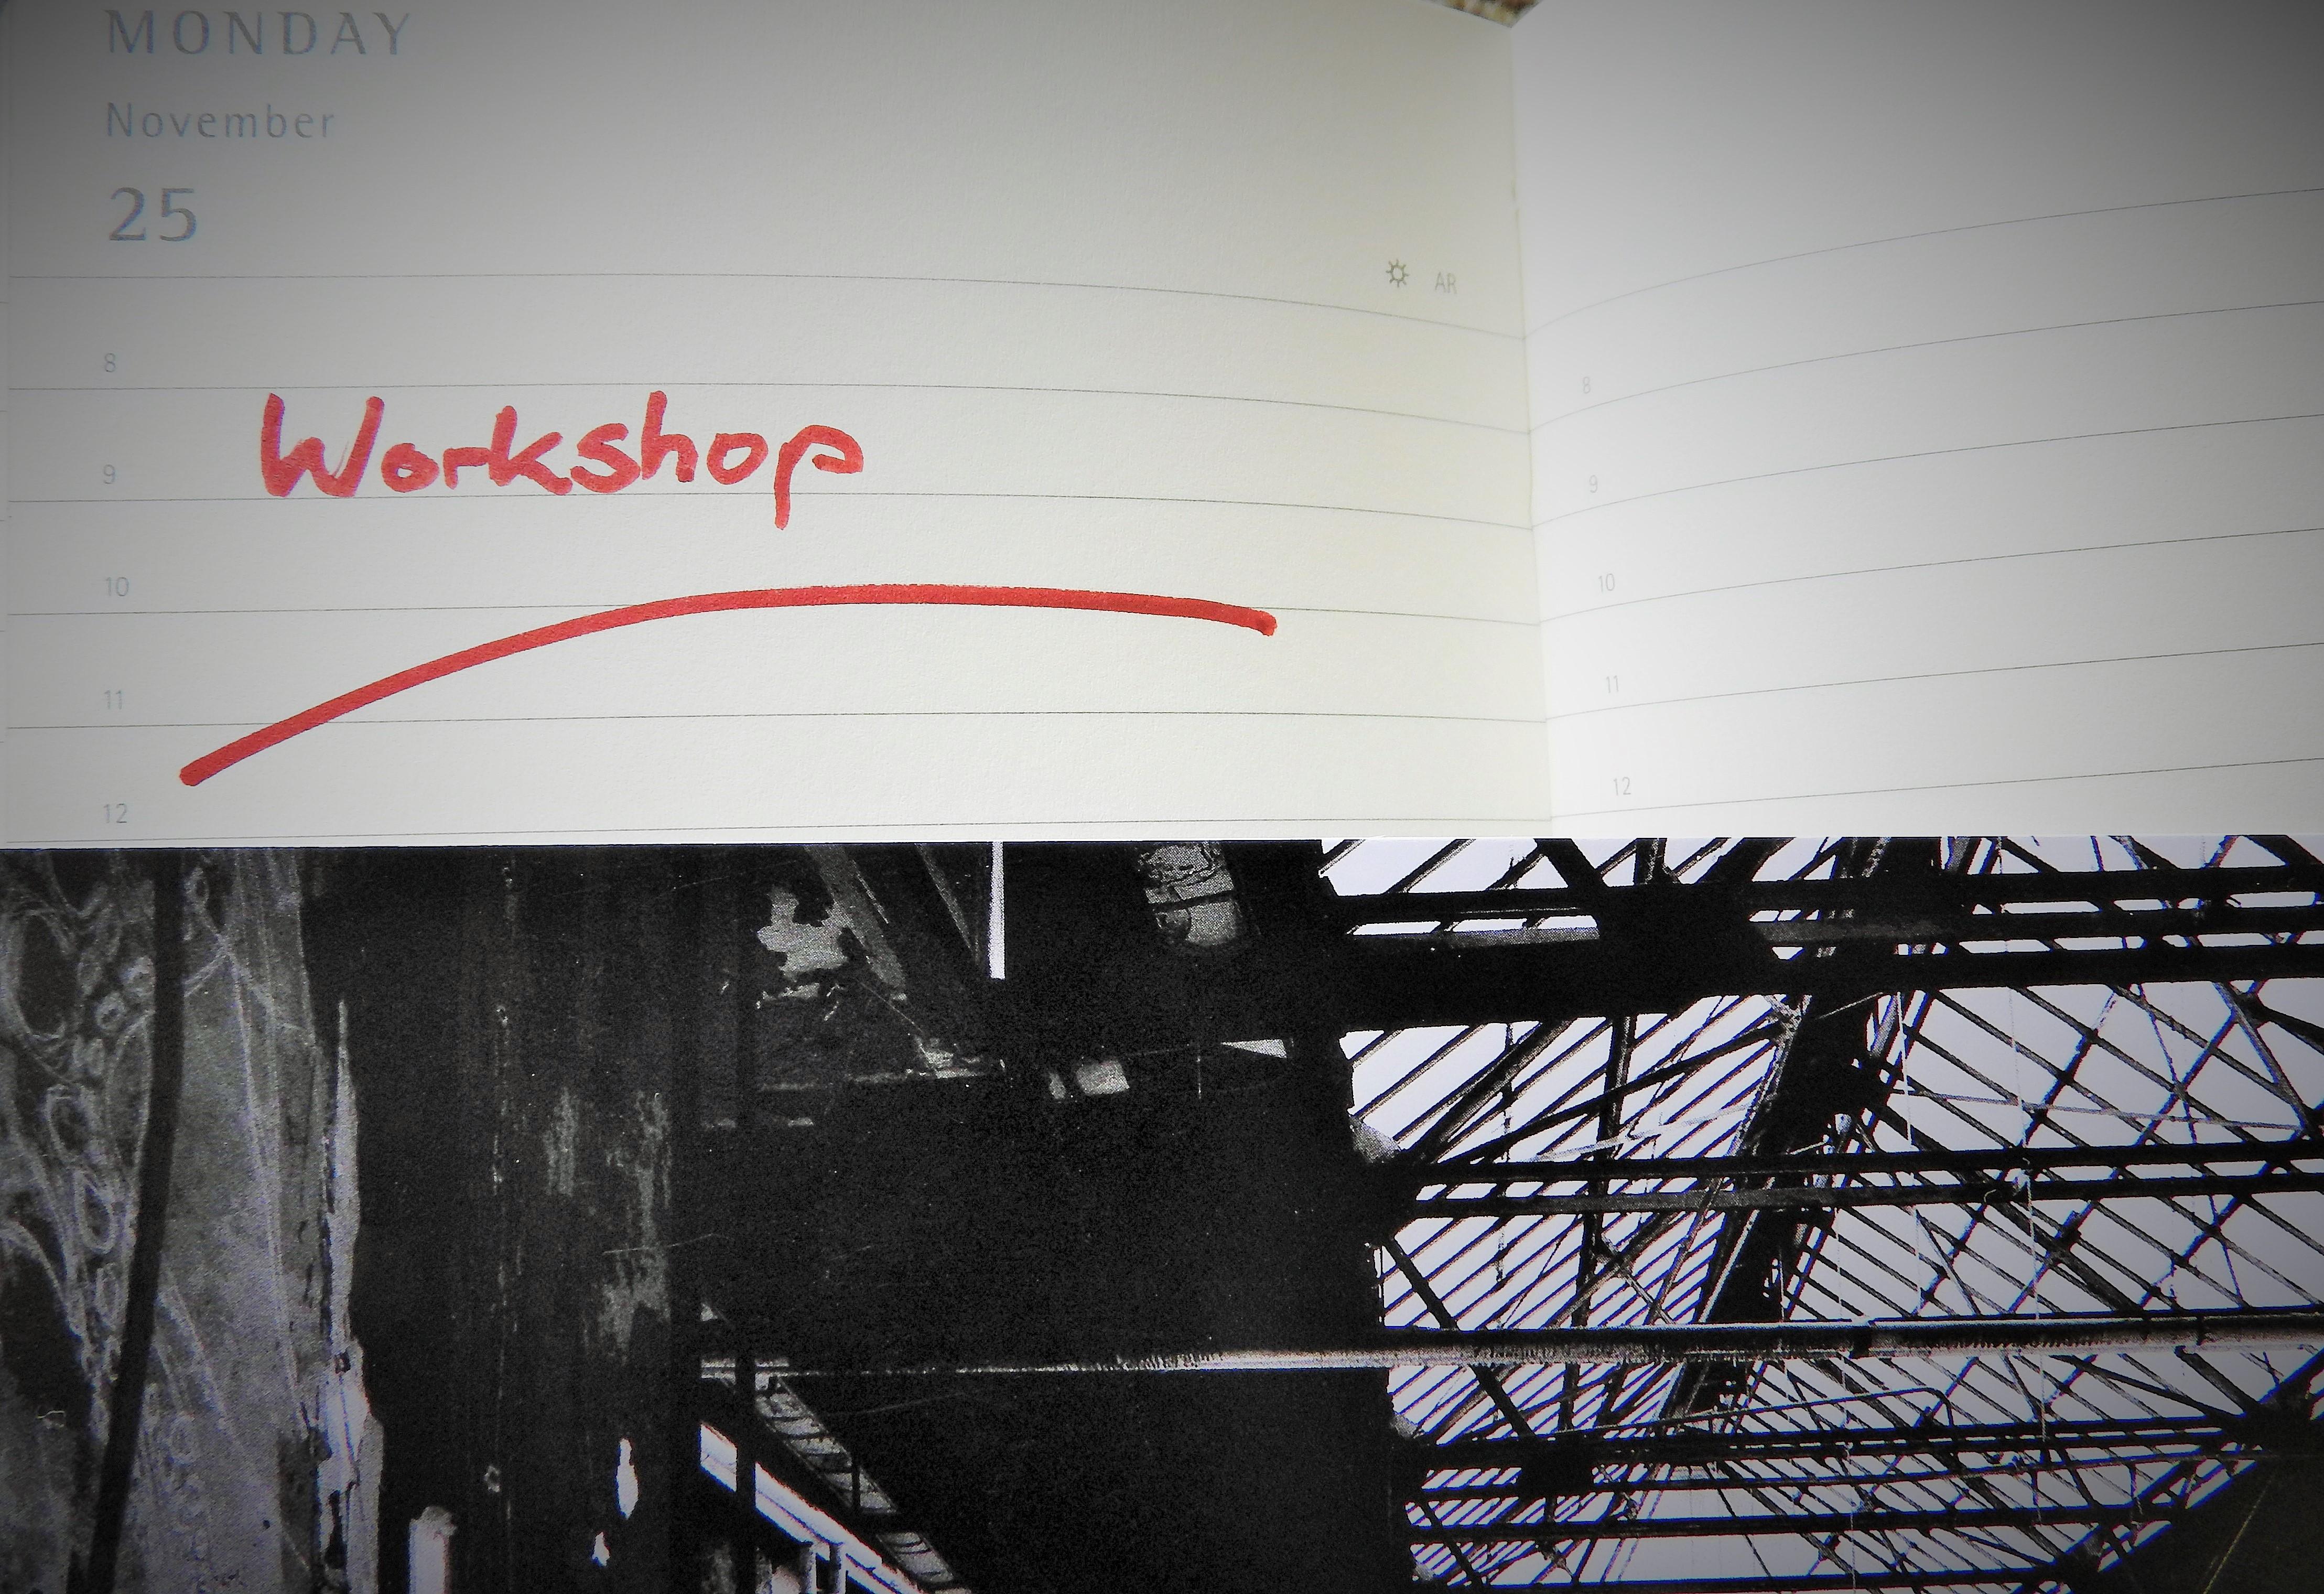 Ein Kalender mit dem Eintrag Workshop.